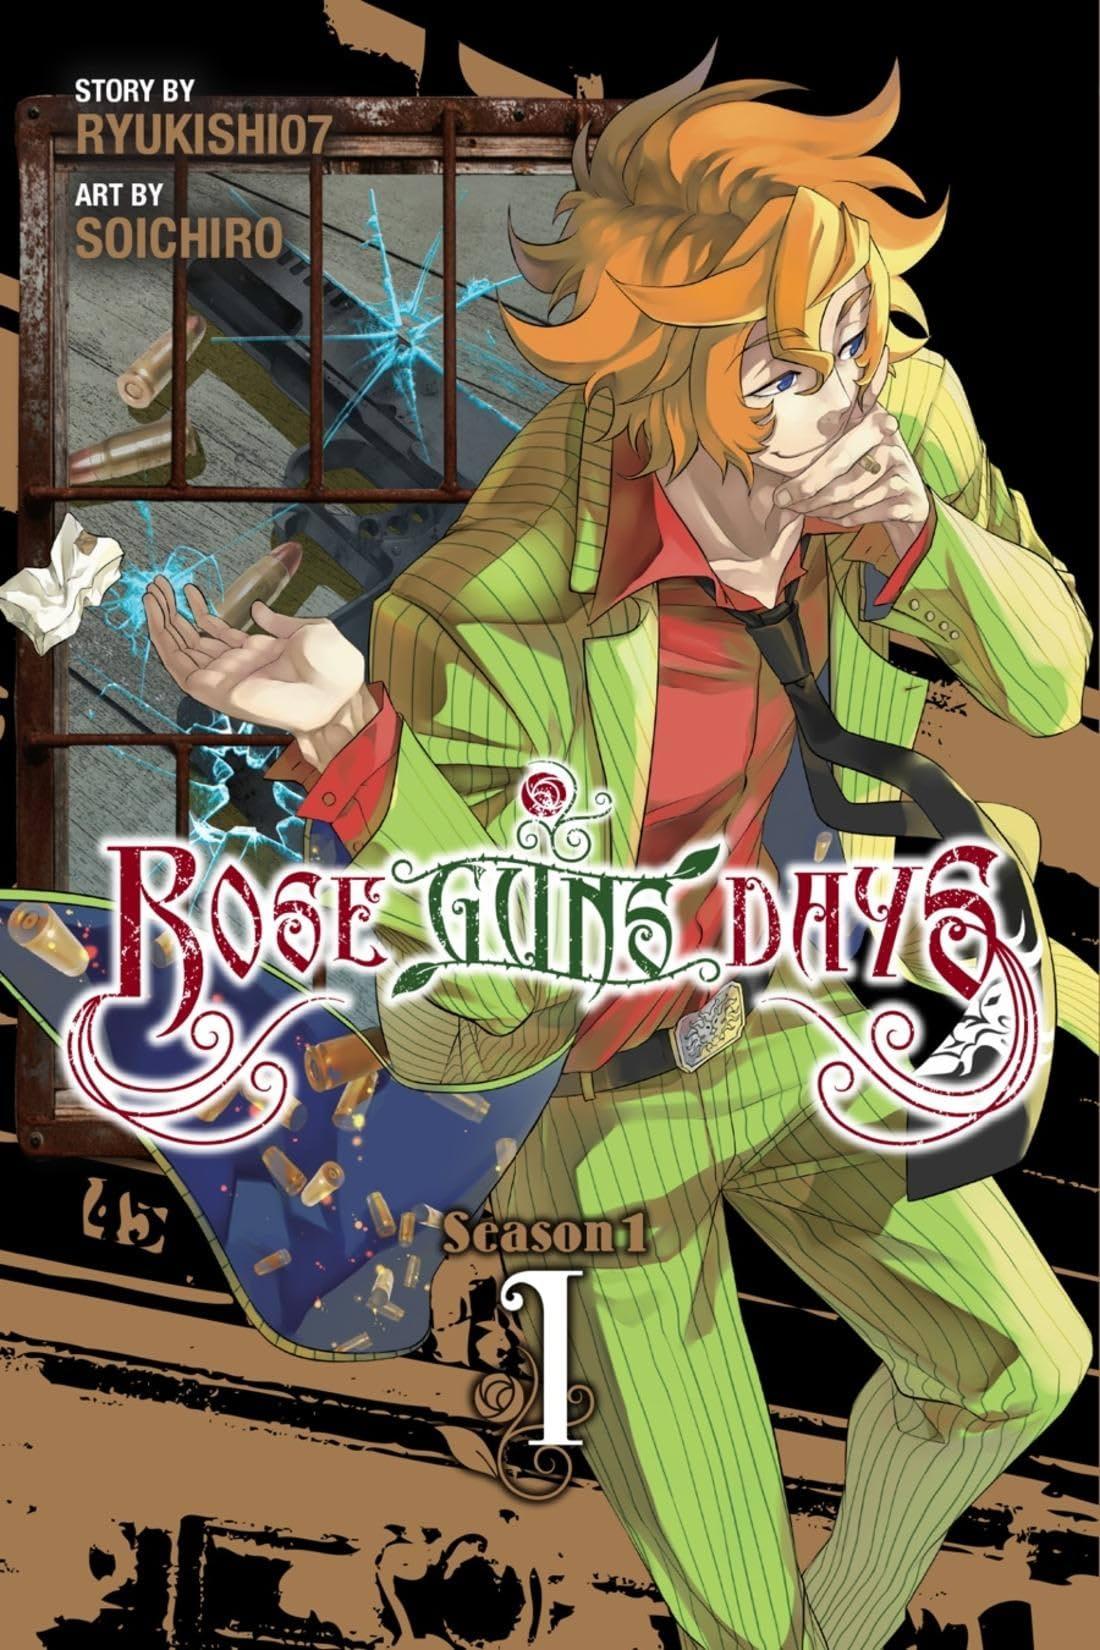 Rose Guns Days Season 1 Vol. 1